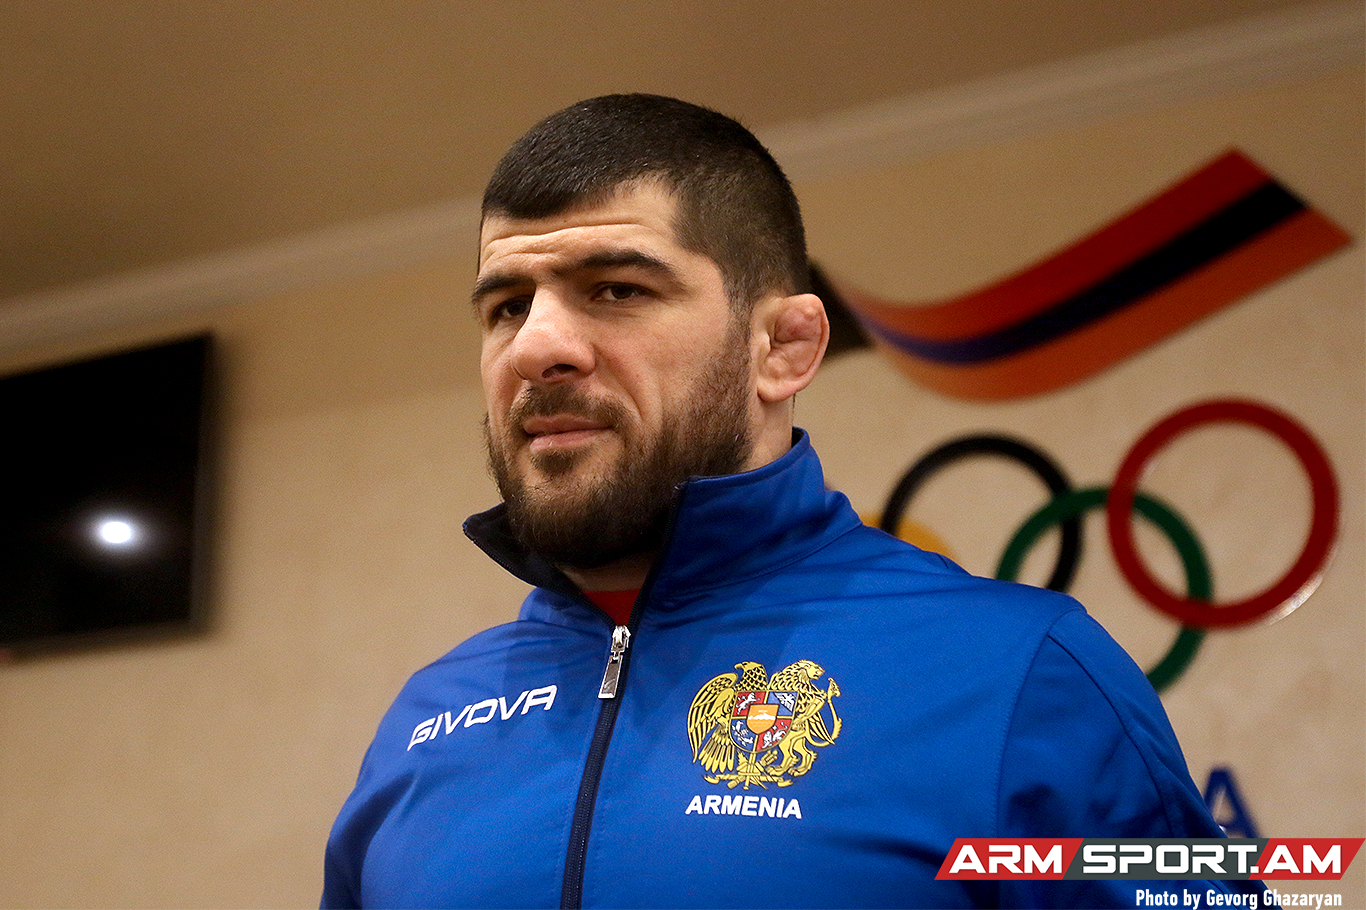 Օլիմպիական չեմպիոն Հաջիմուրադ Գացալովը՝ Հայաստանի հավաքականի անդամ (լուսանկարներ)